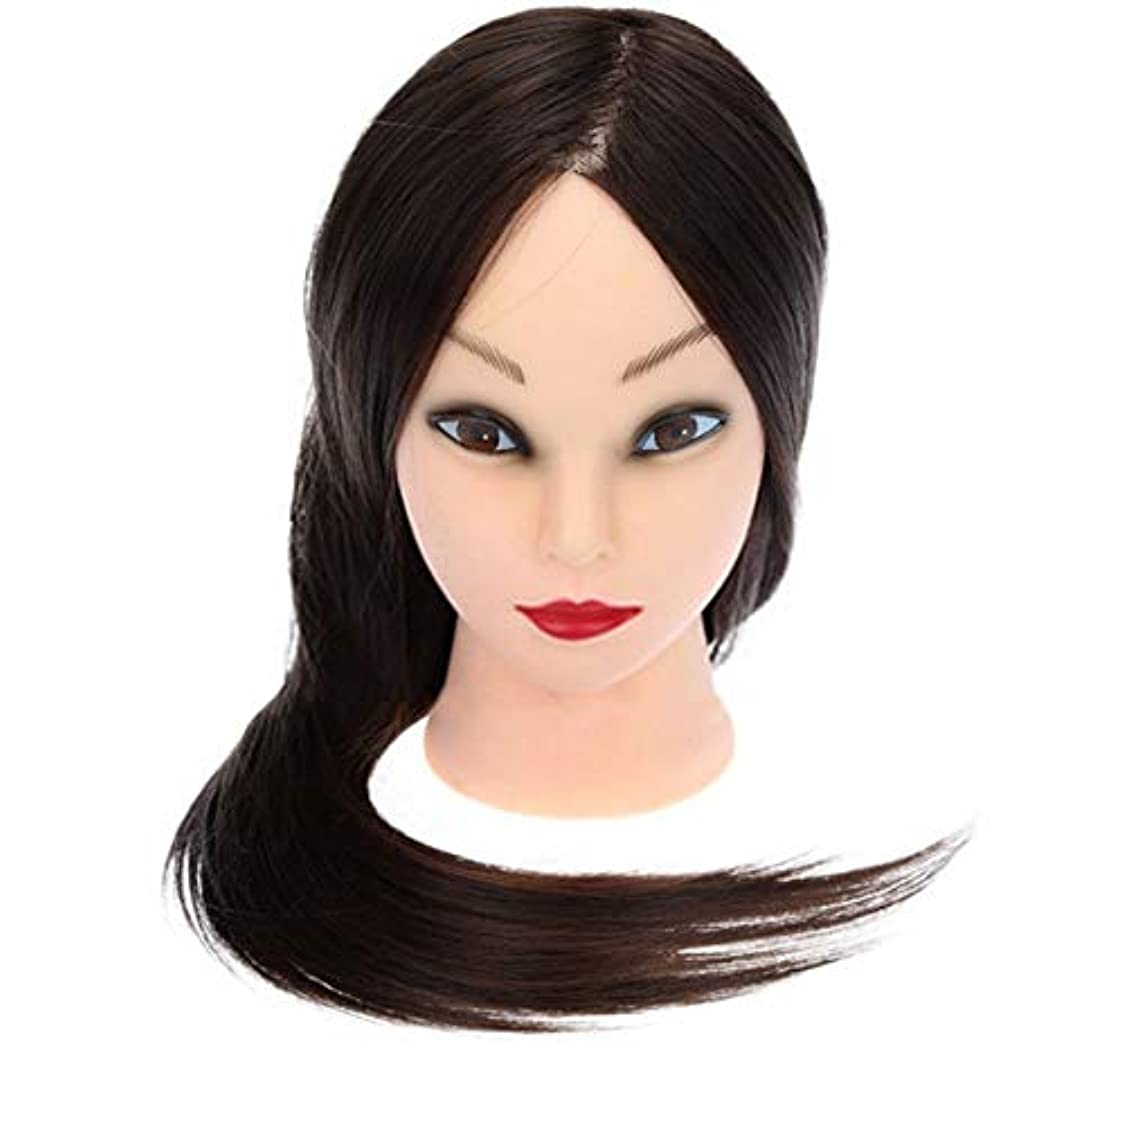 練習ディスク髪編組ヘアモデル理髪店スクールティーチングヘッドロングかつら美容マネキンヘッド